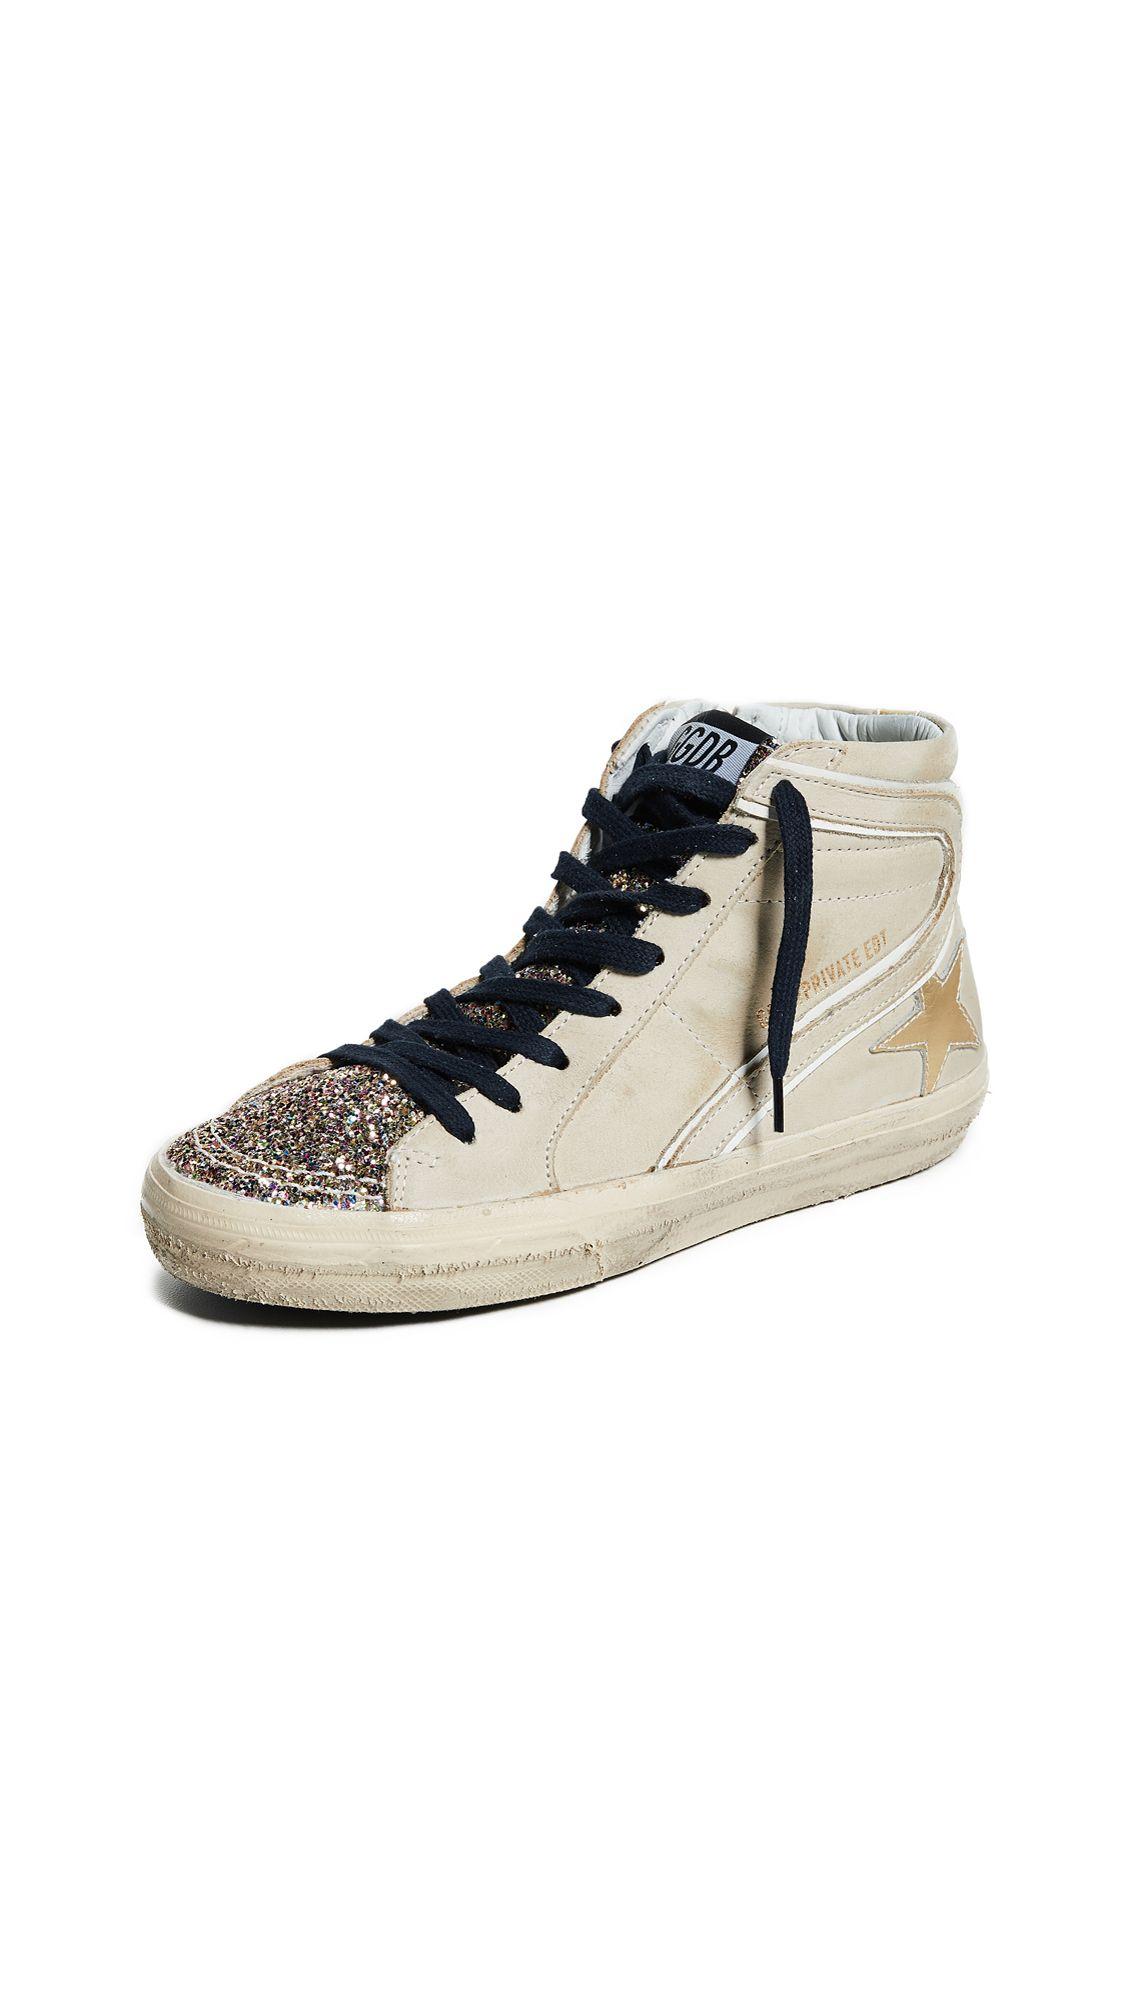 Golden Goose Slide Sneakers In Cream